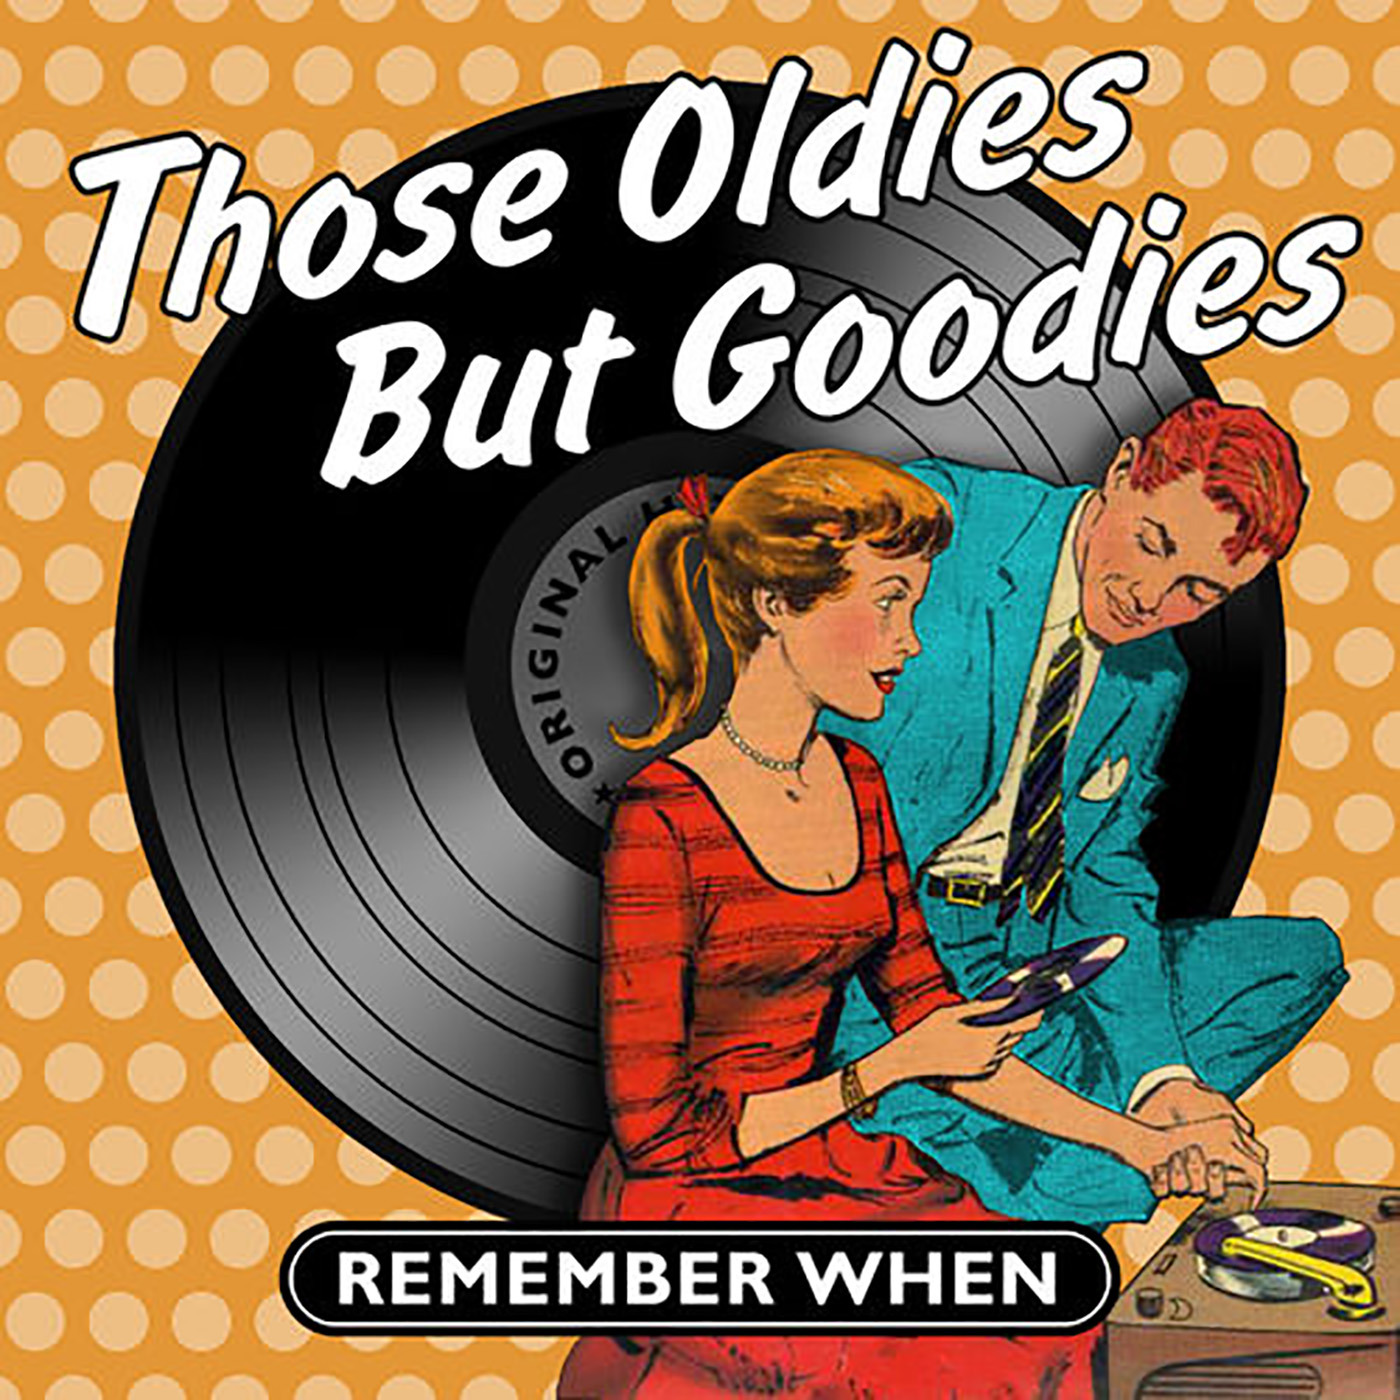 Those Oldie But Goodies